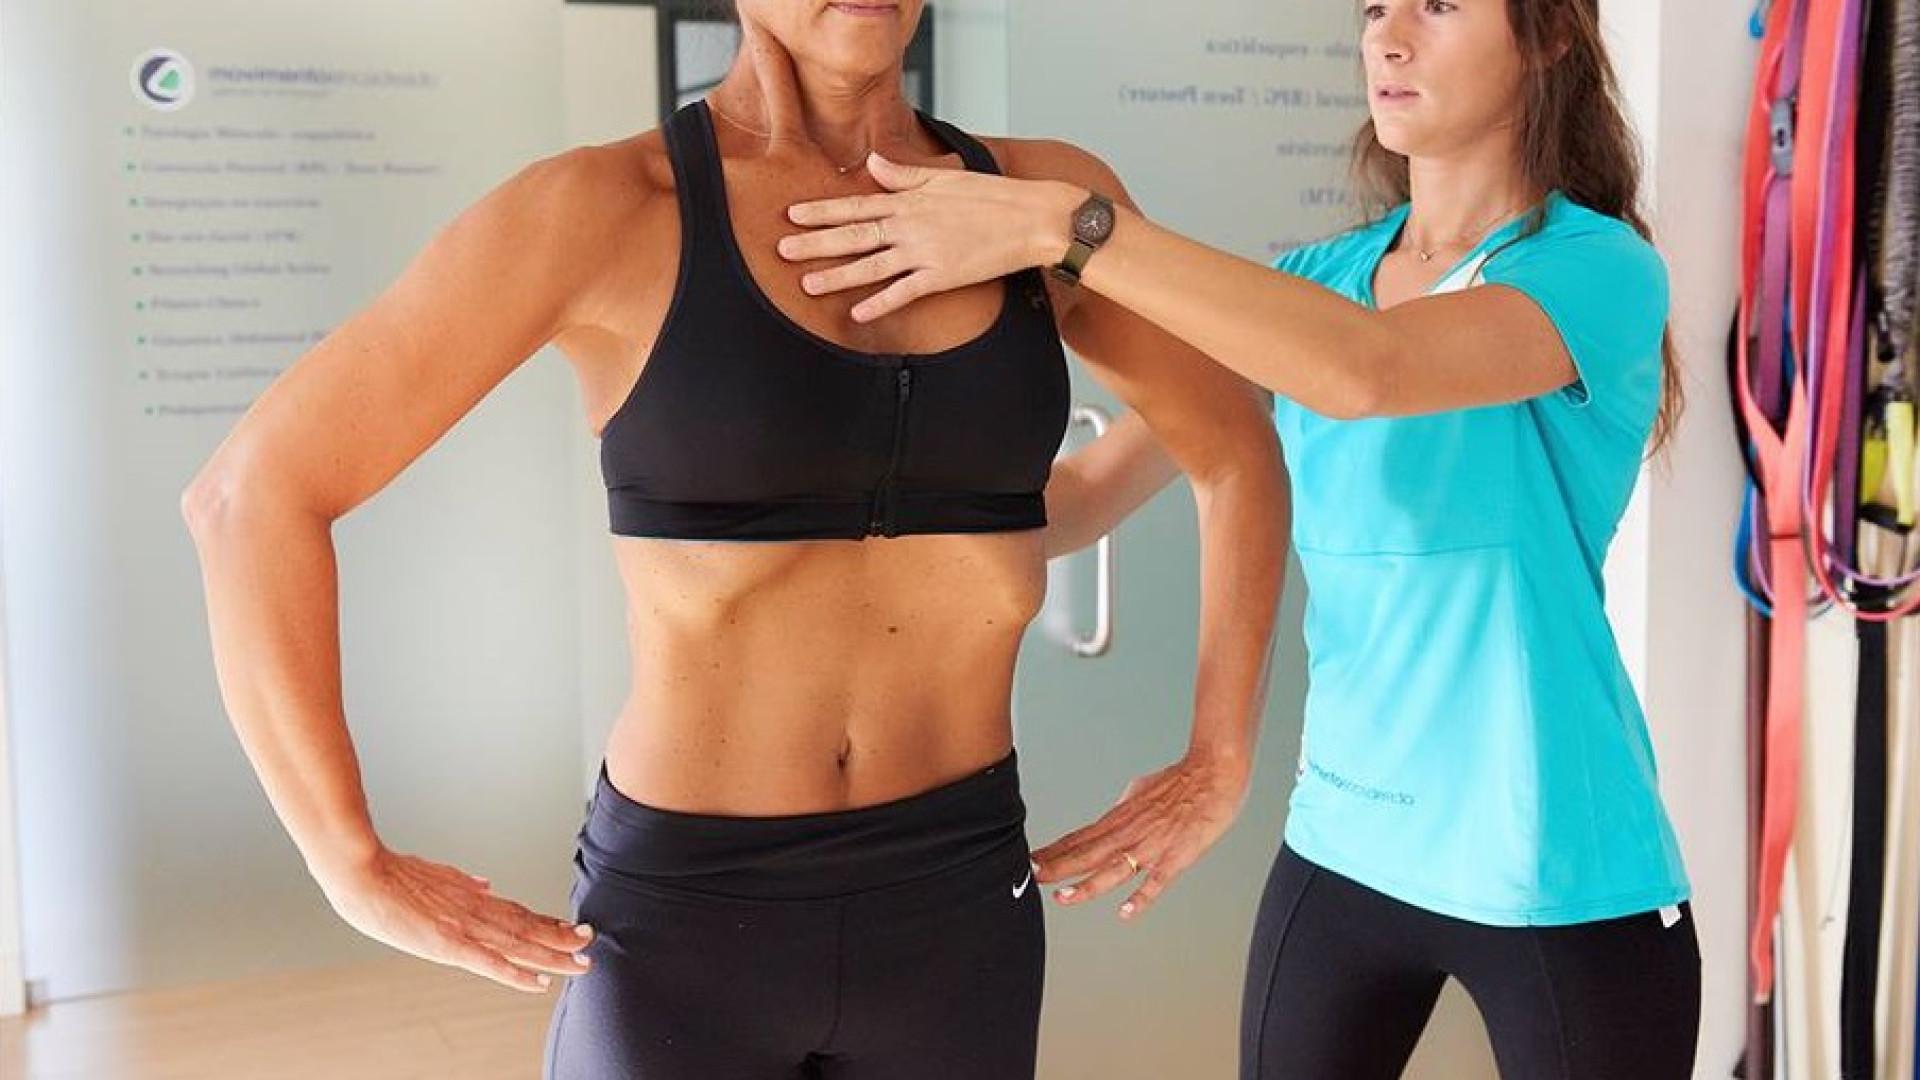 A SPRY está a oferecer aulas que prometem perder barriga em três semanas